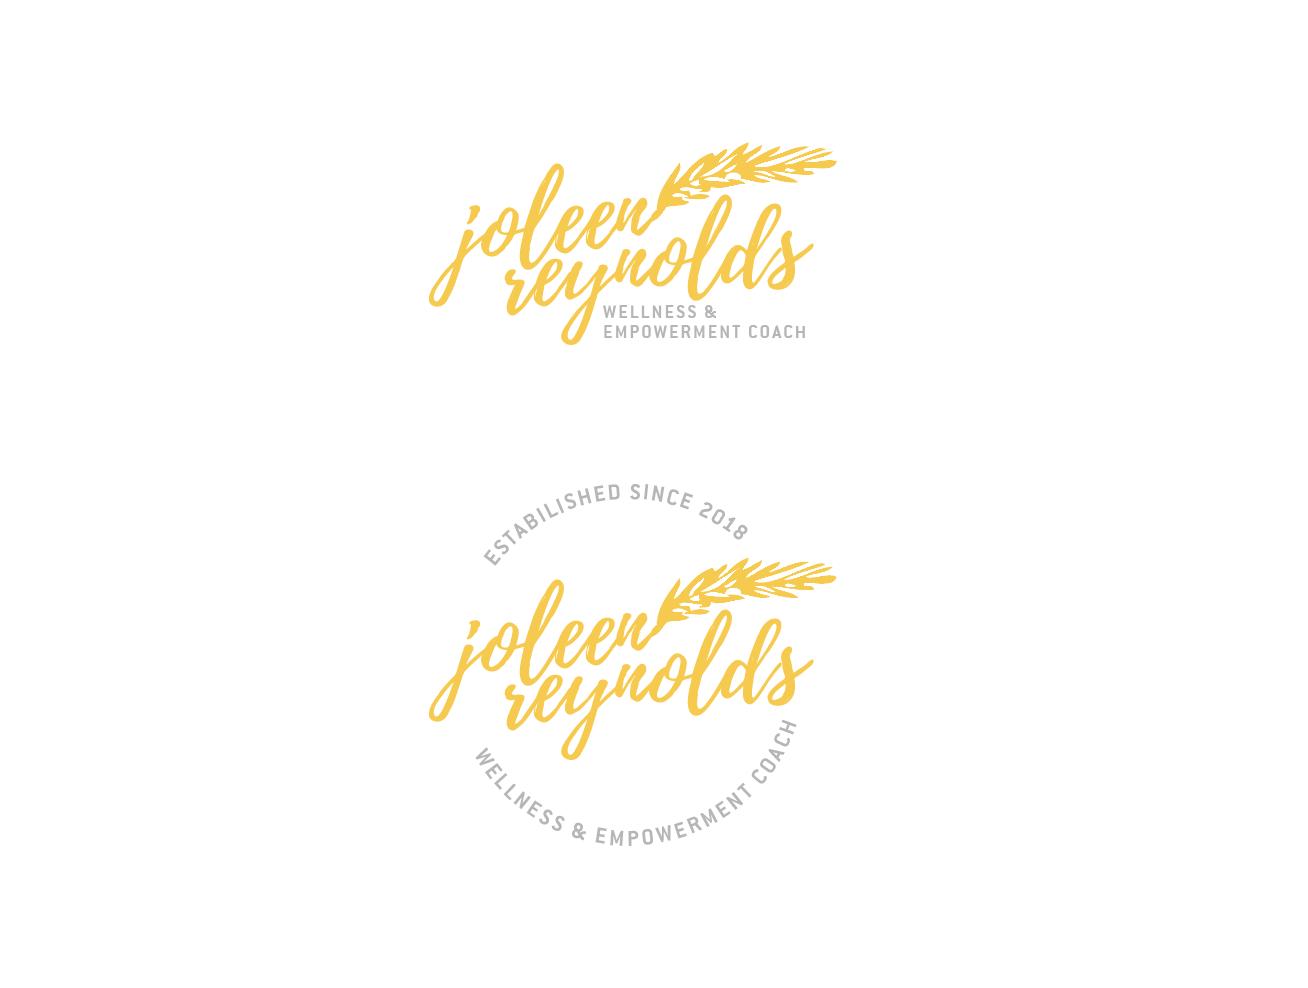 Logo by wonderland for a Wellness/empowerment coach